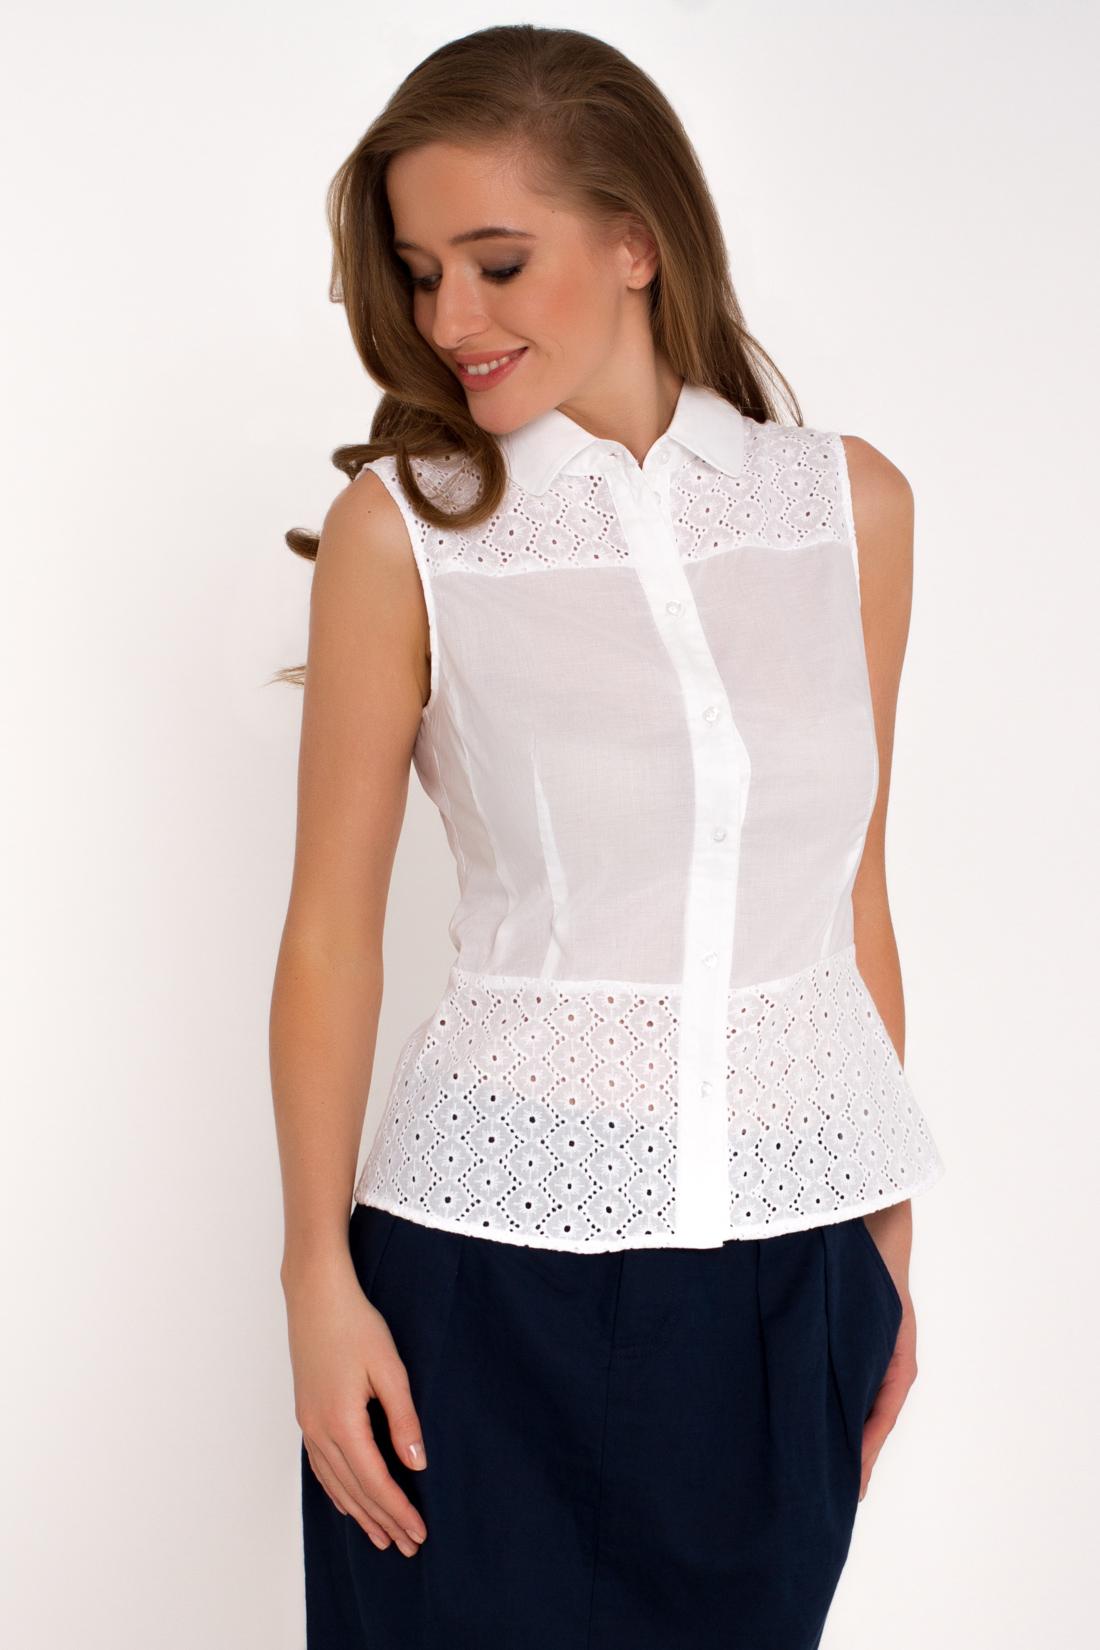 Как сшить белую блузку без рукавов